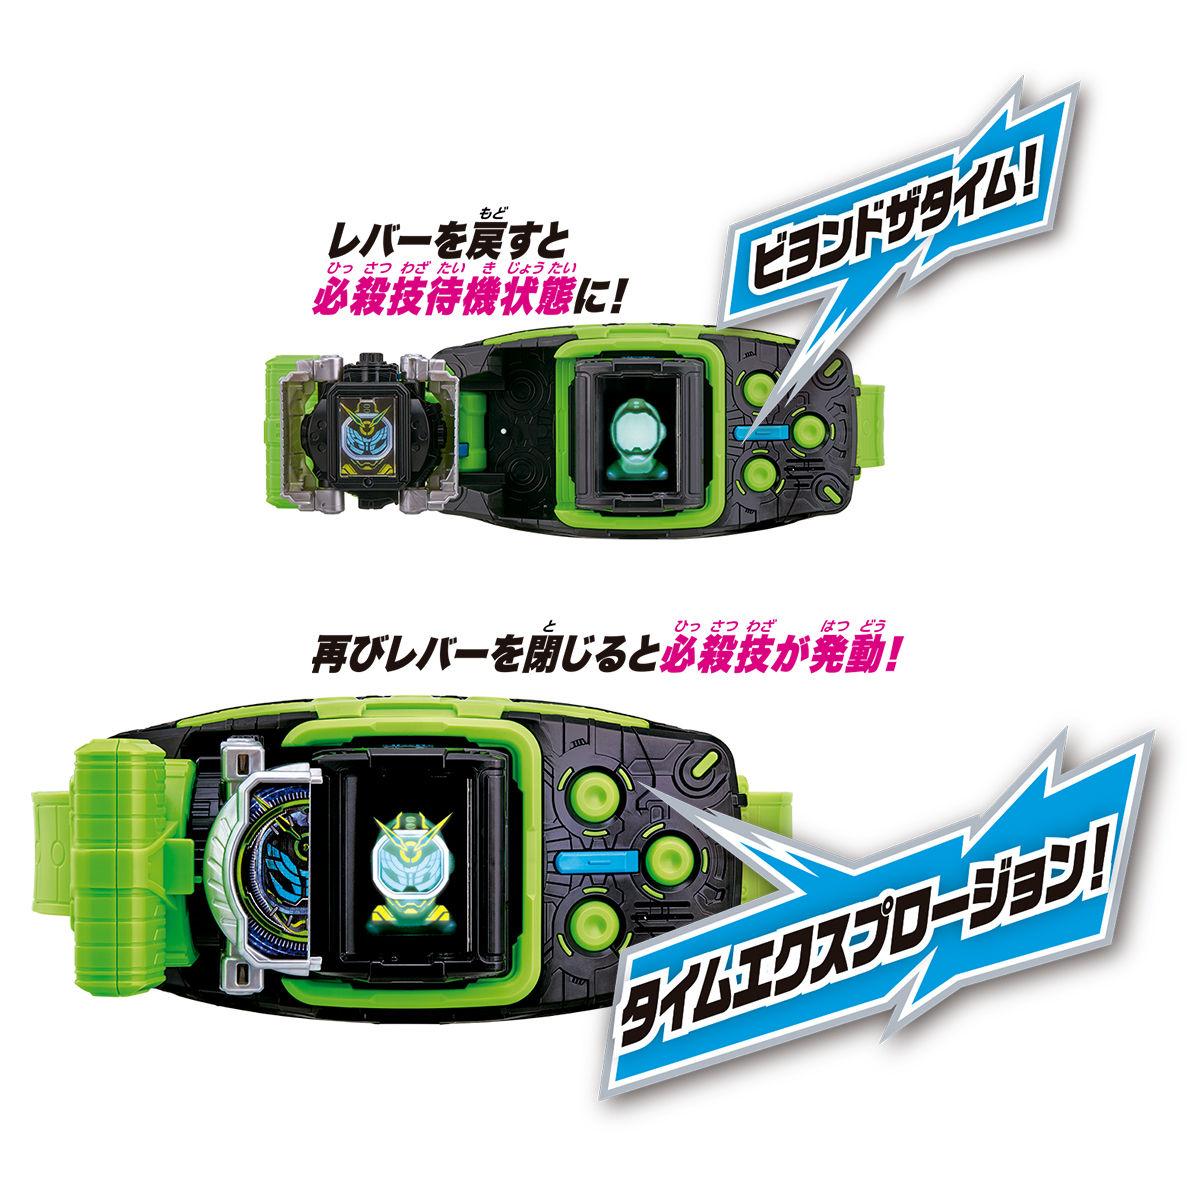 変身ベルト『DXビヨンドライバー』仮面ライダージオウ 変身なりきり-009